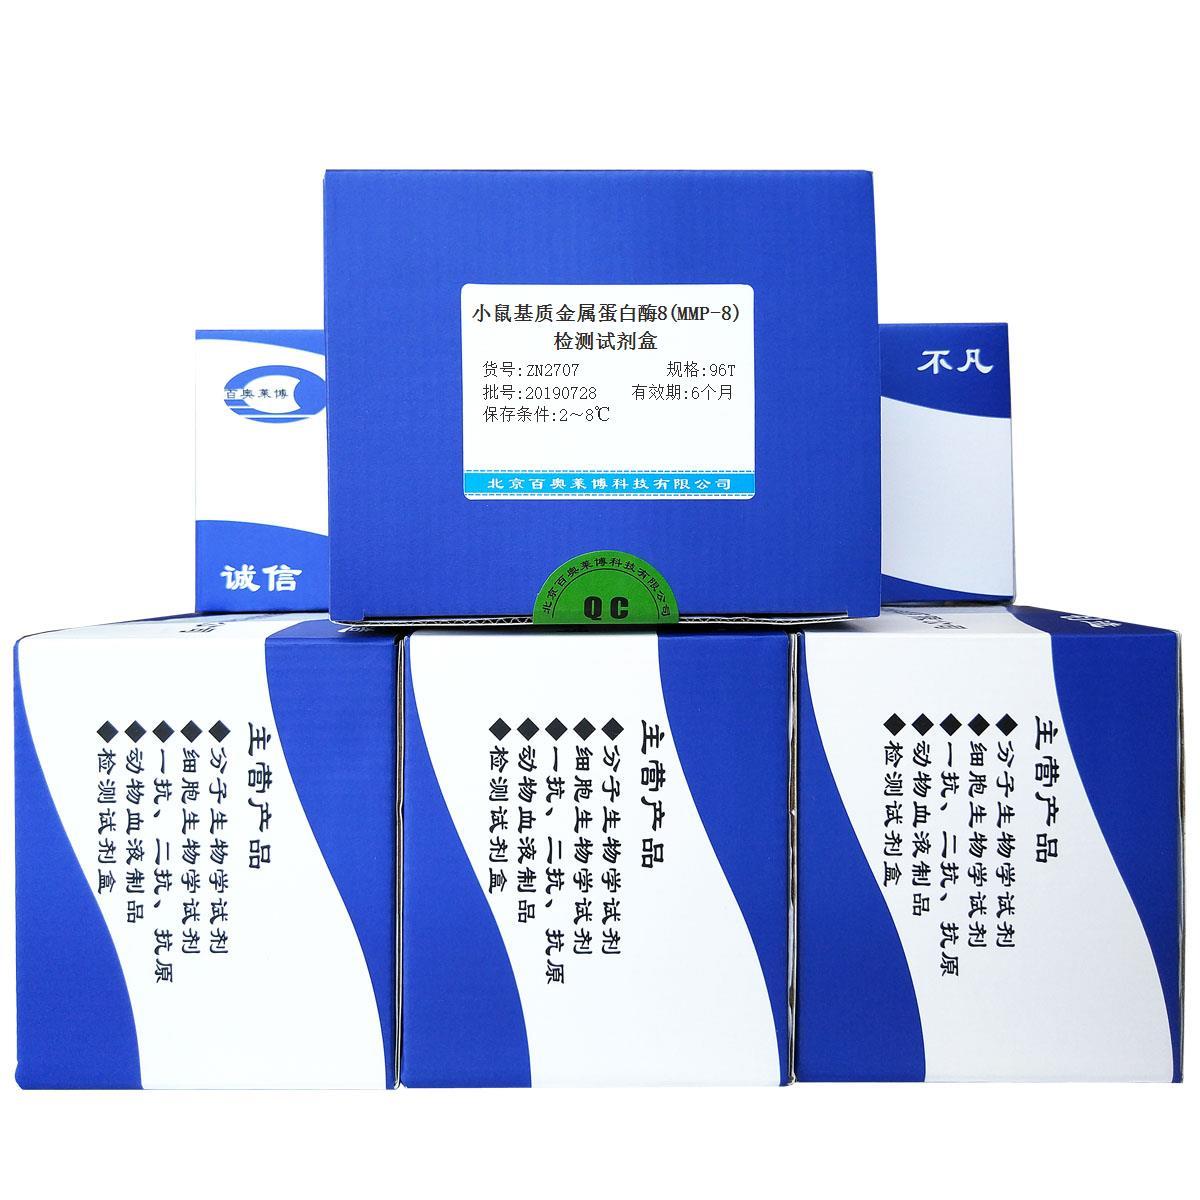 小鼠基质金属蛋白酶8(MMP-8)检测试剂盒